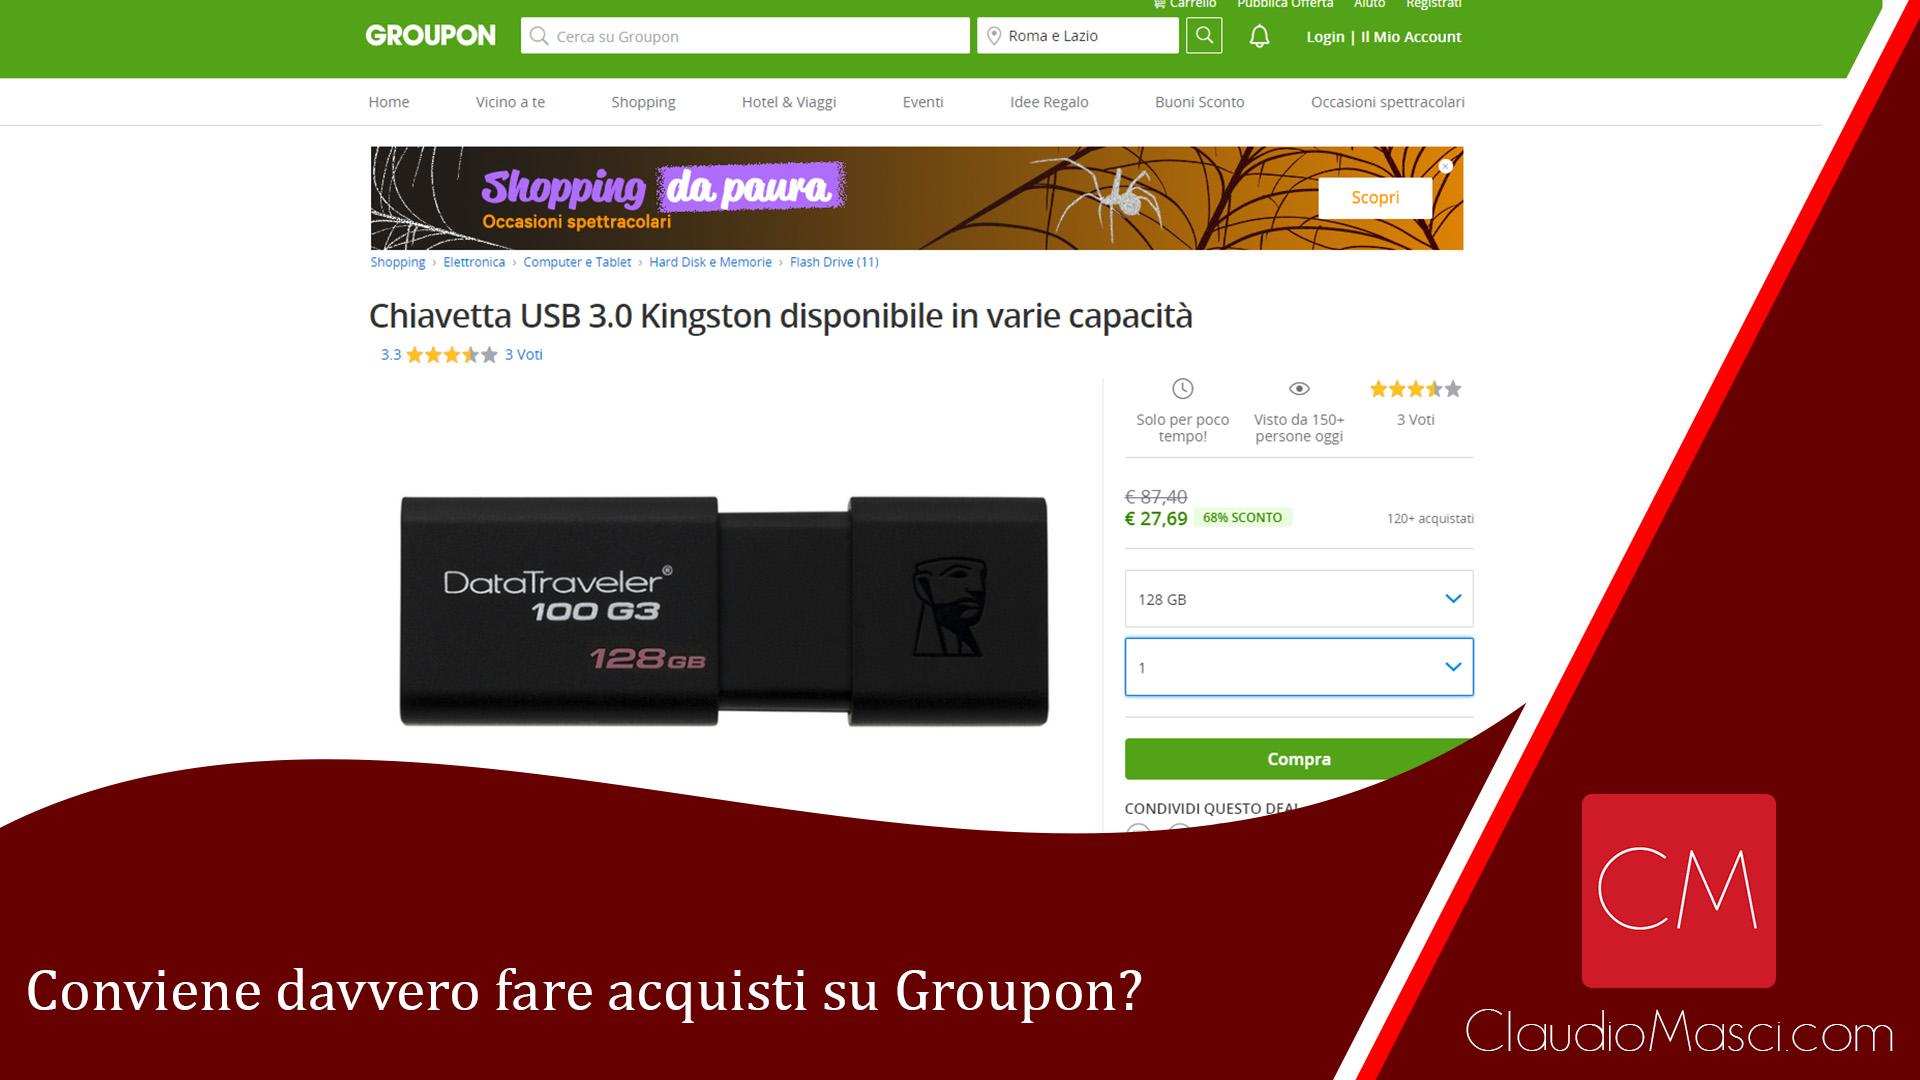 Conviene davvero fare acquisti su Groupon?